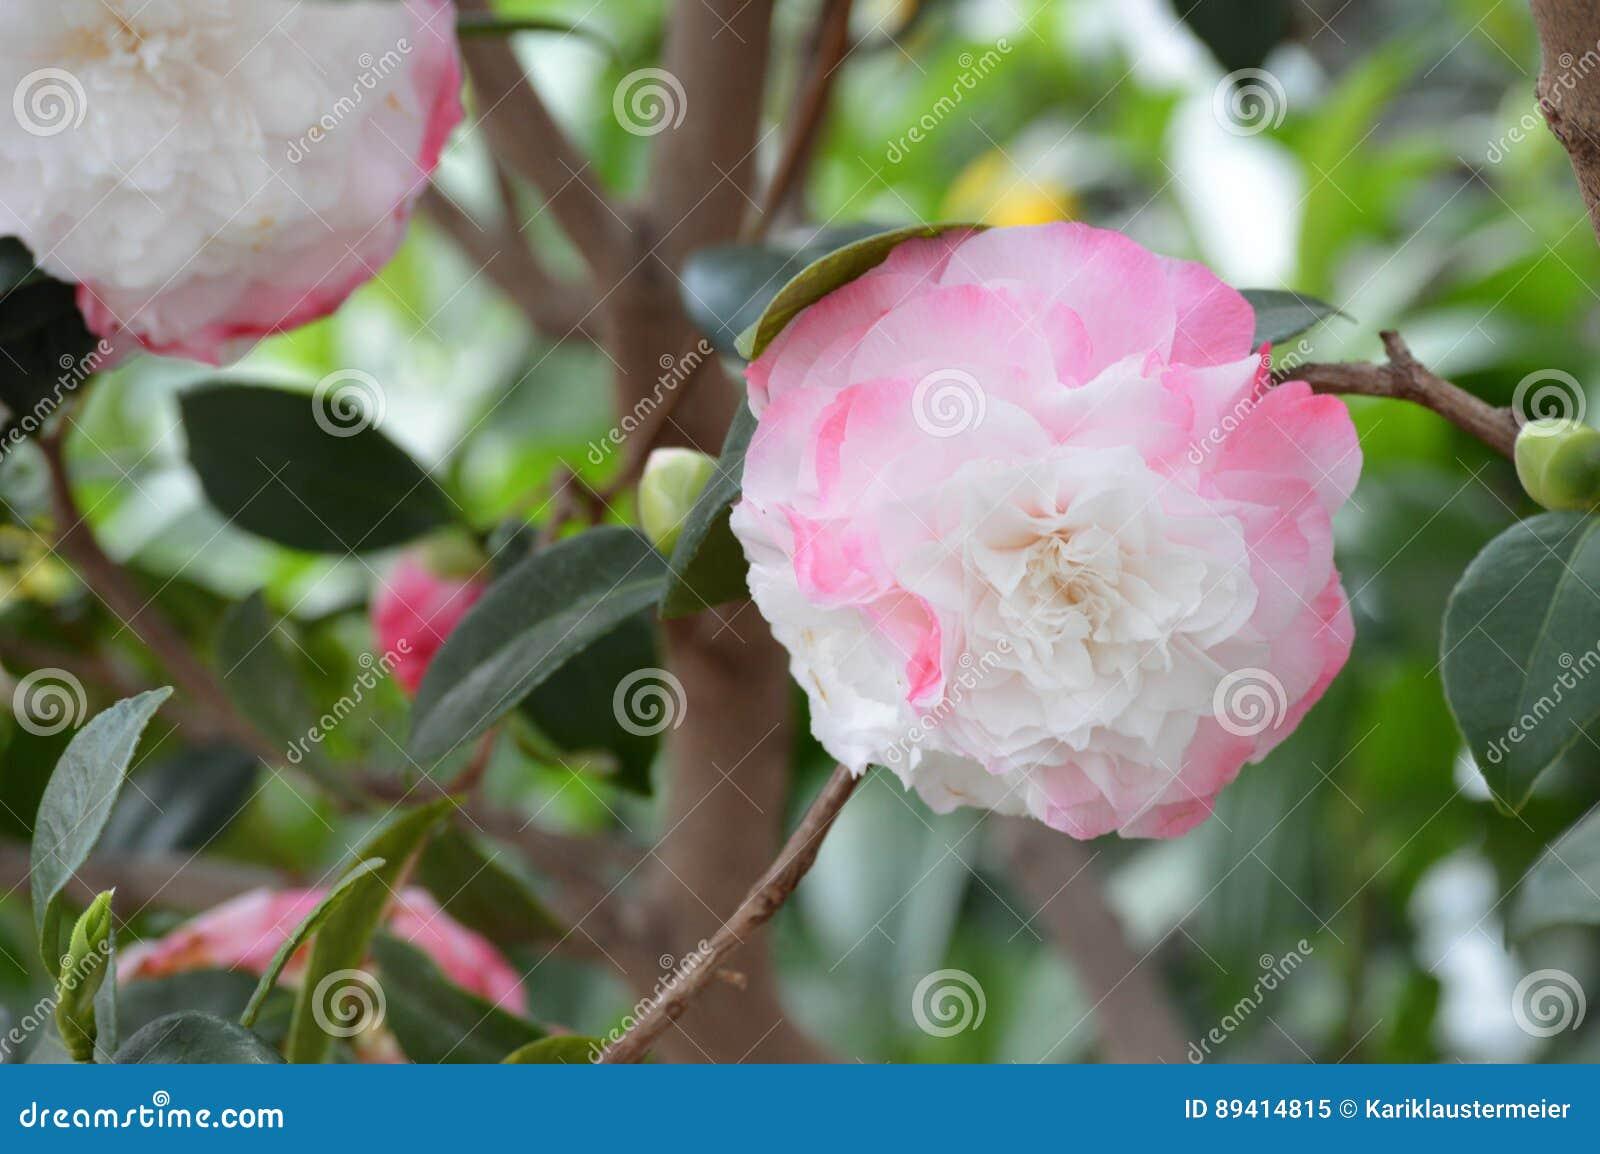 Rose Flower